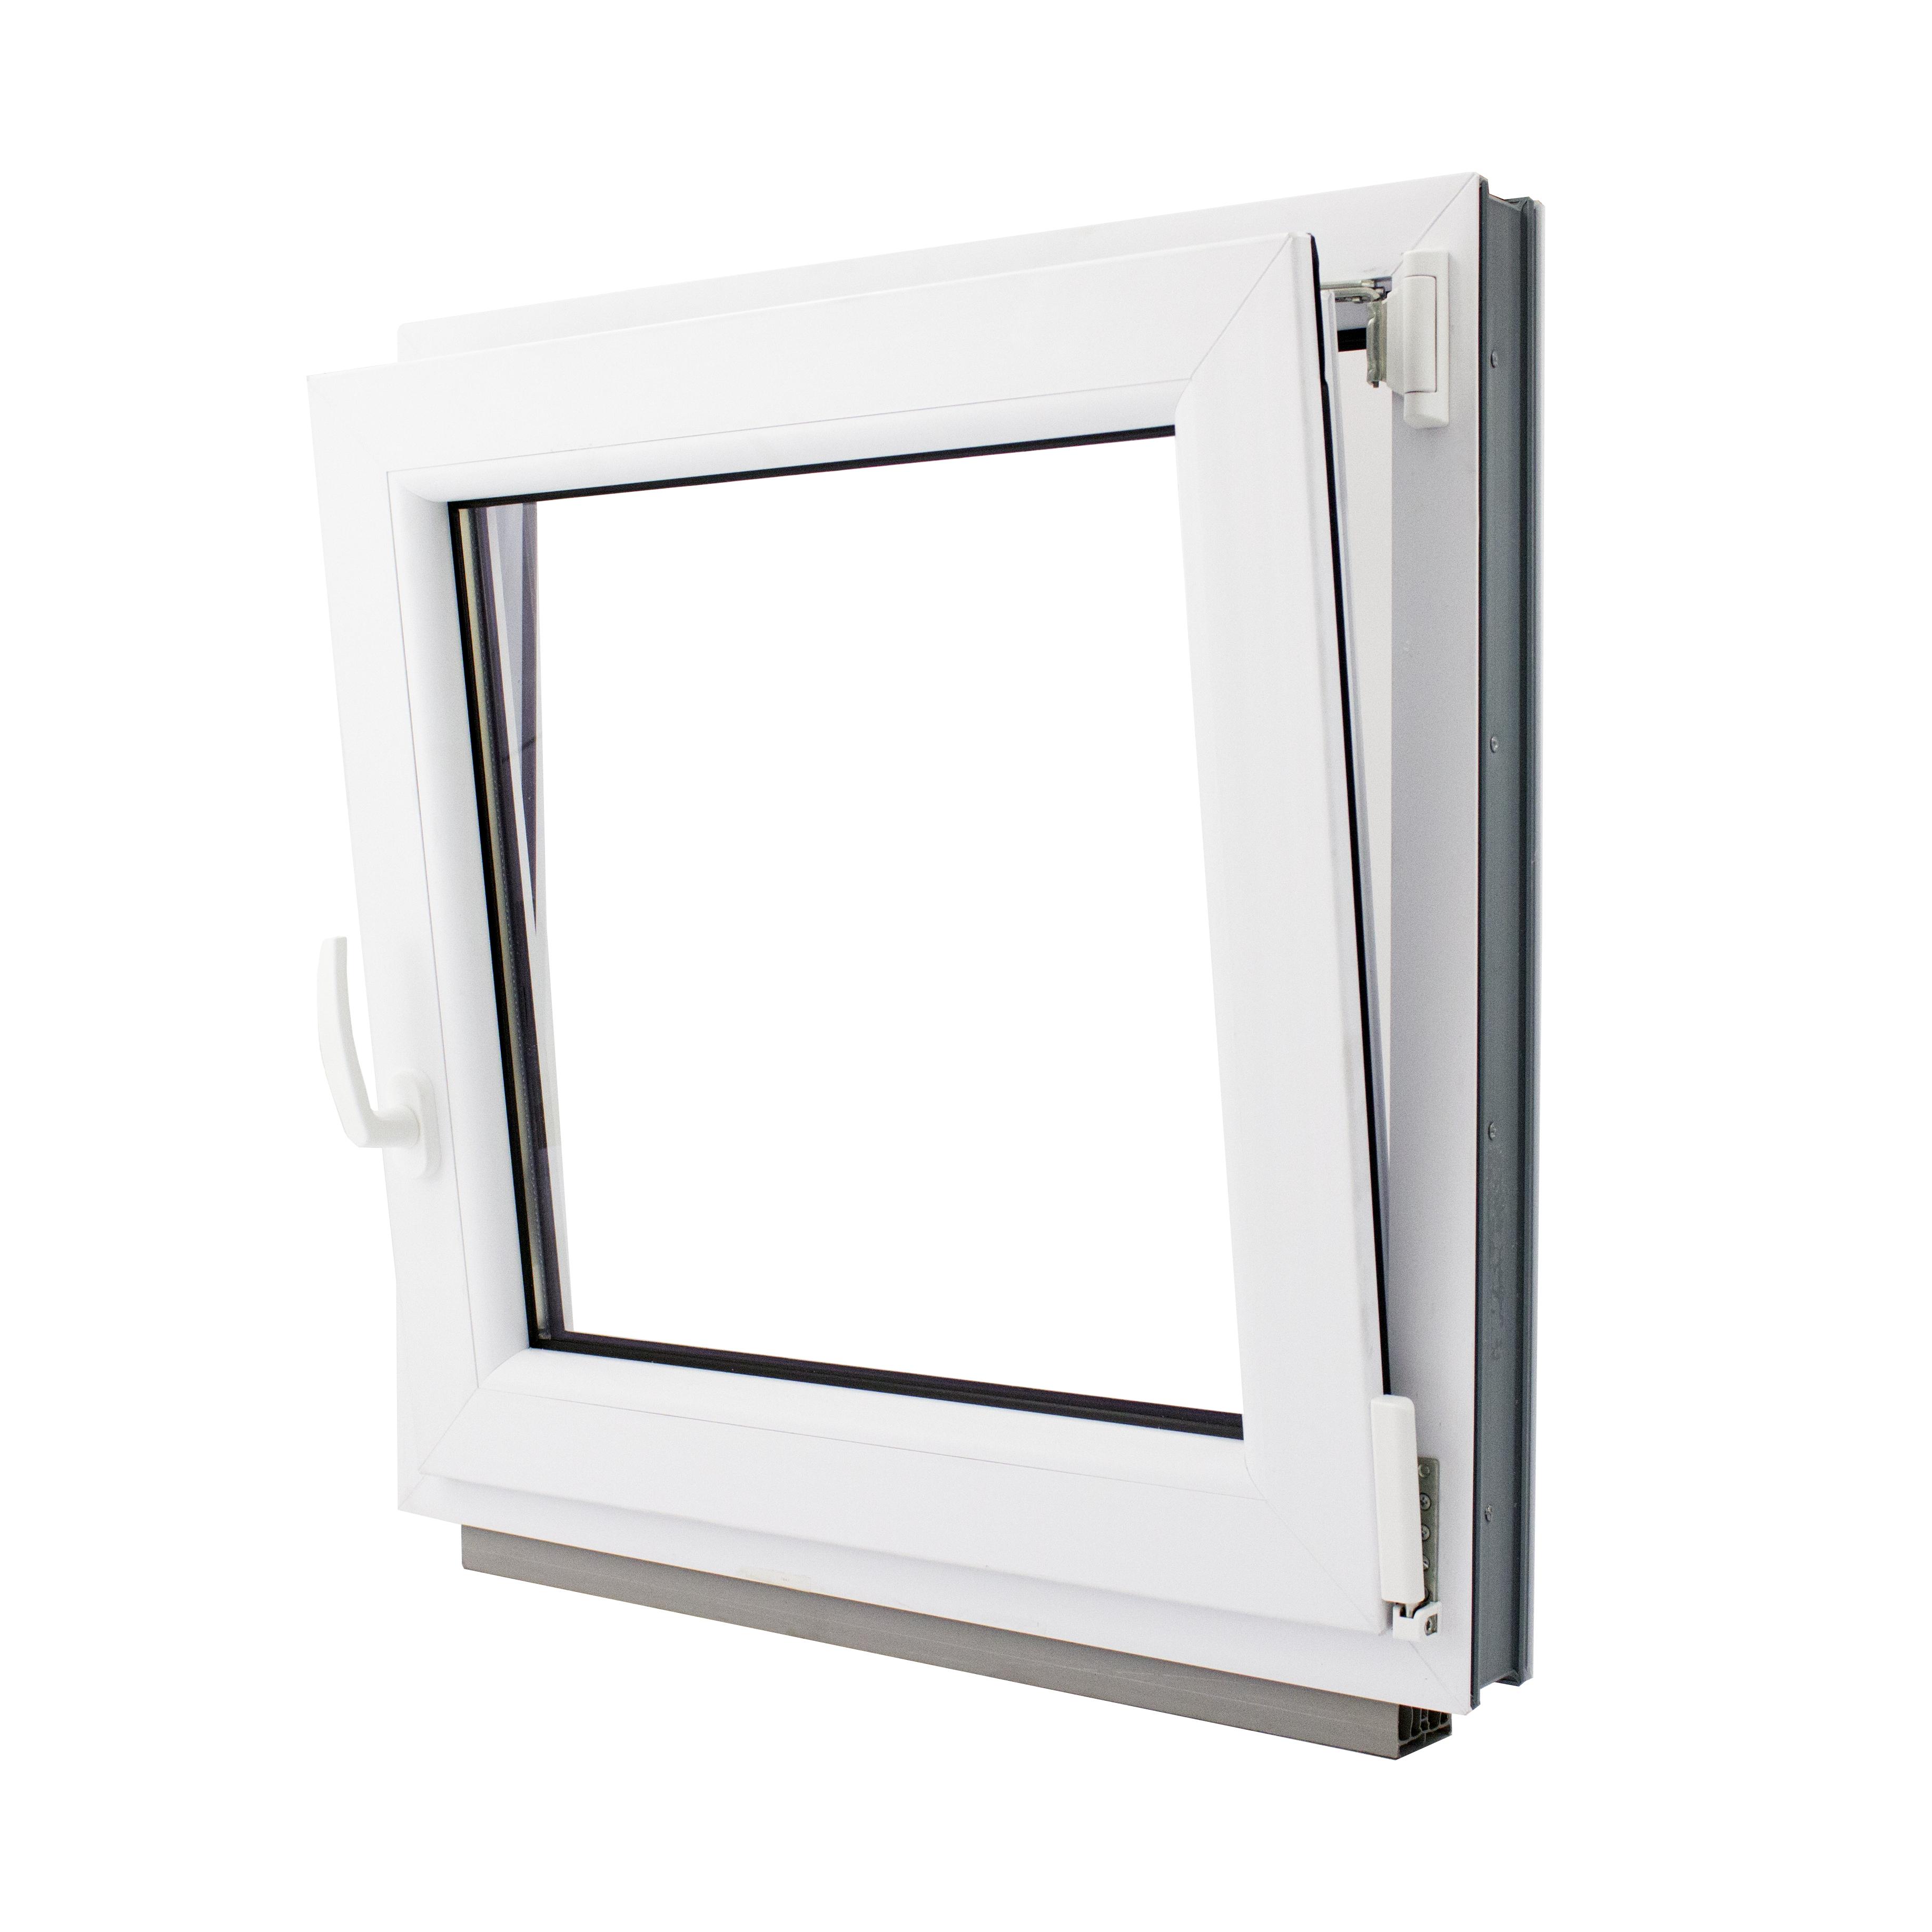 Tende Per Finestre A Ribalta dettagli su finestre in pvc aluplast con vetro opaco per bagno!! diverse  misure scegli tu!